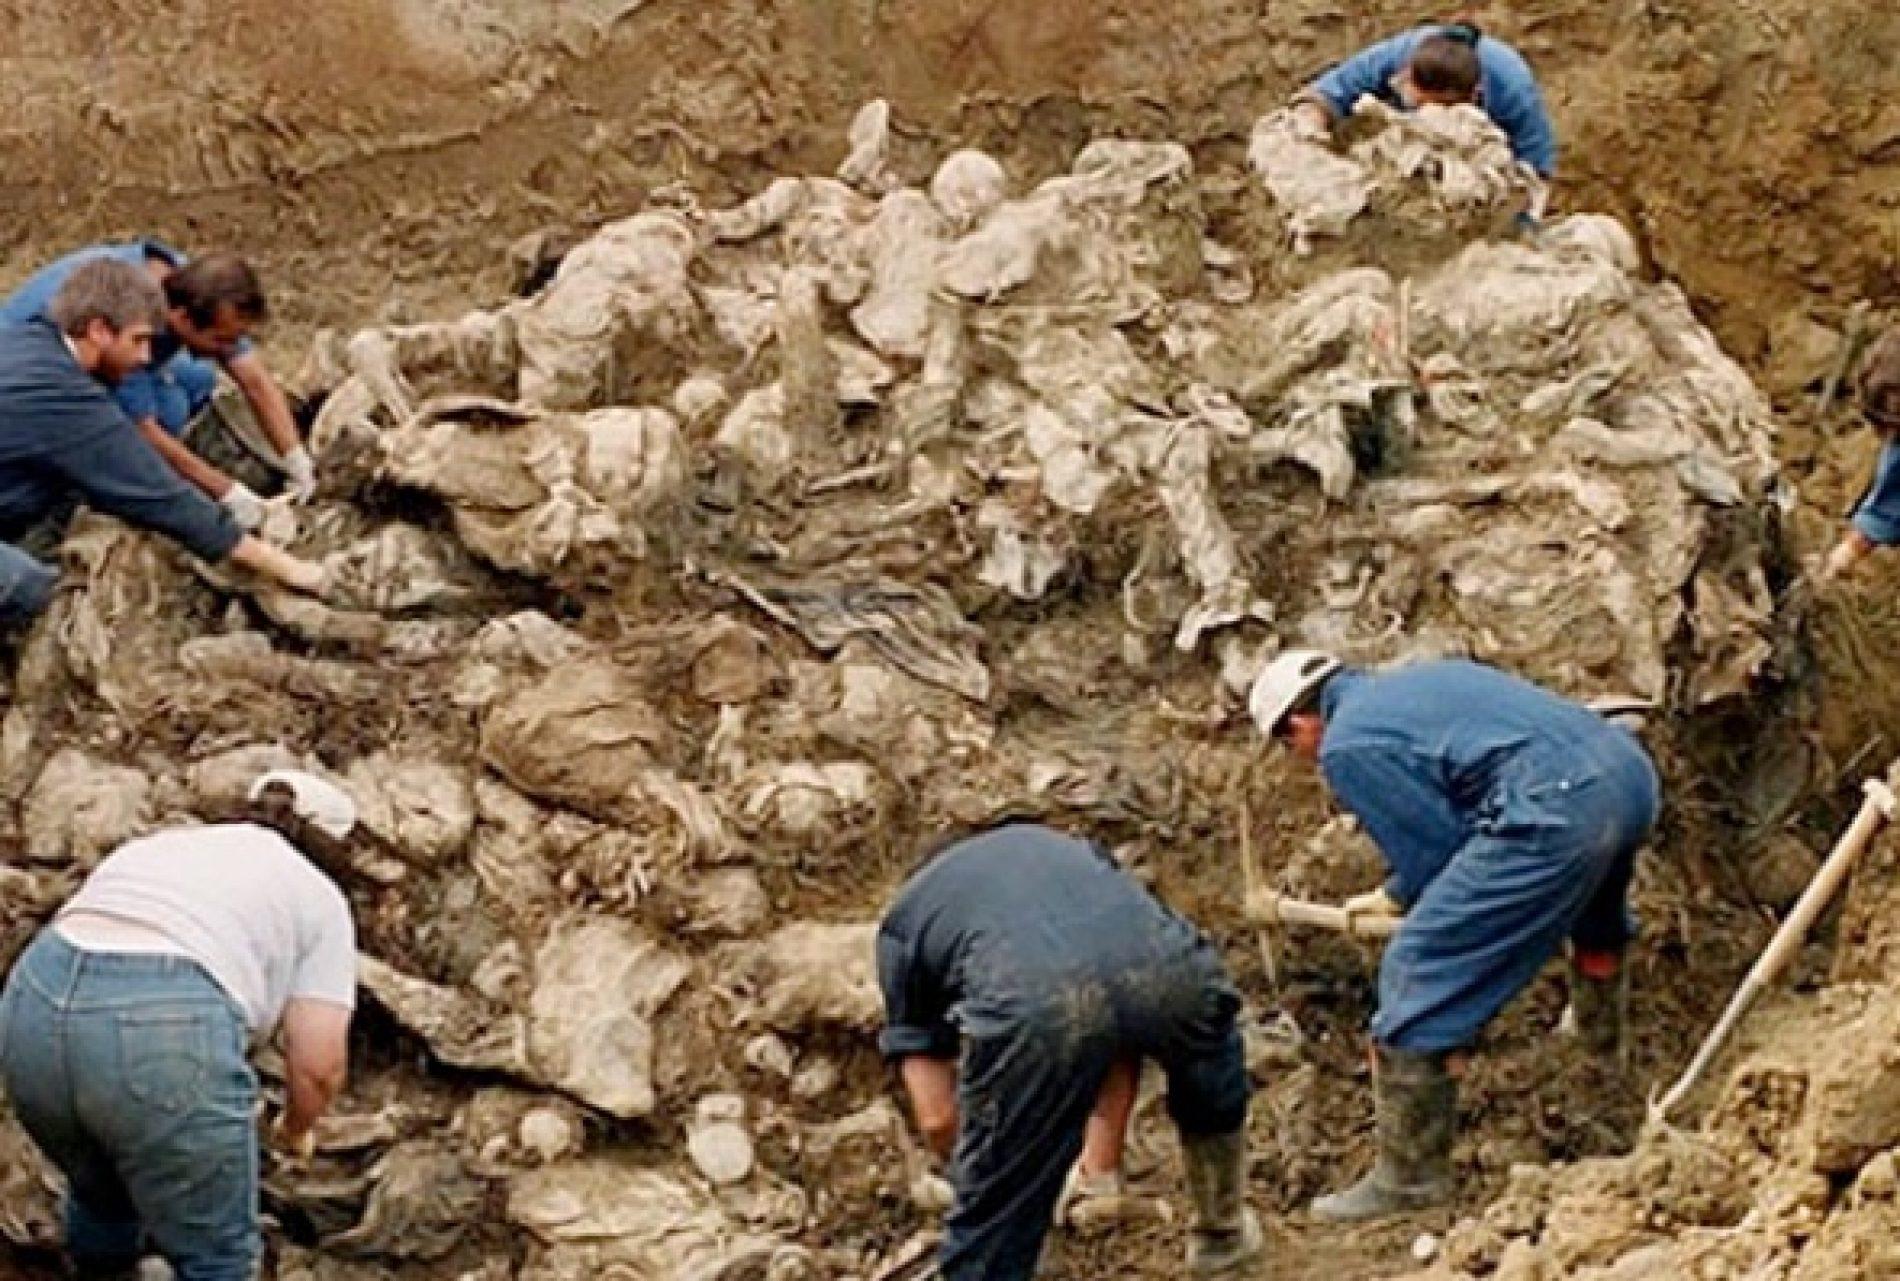 Budućnost Srbije zakopana je u masovnim grobnicama